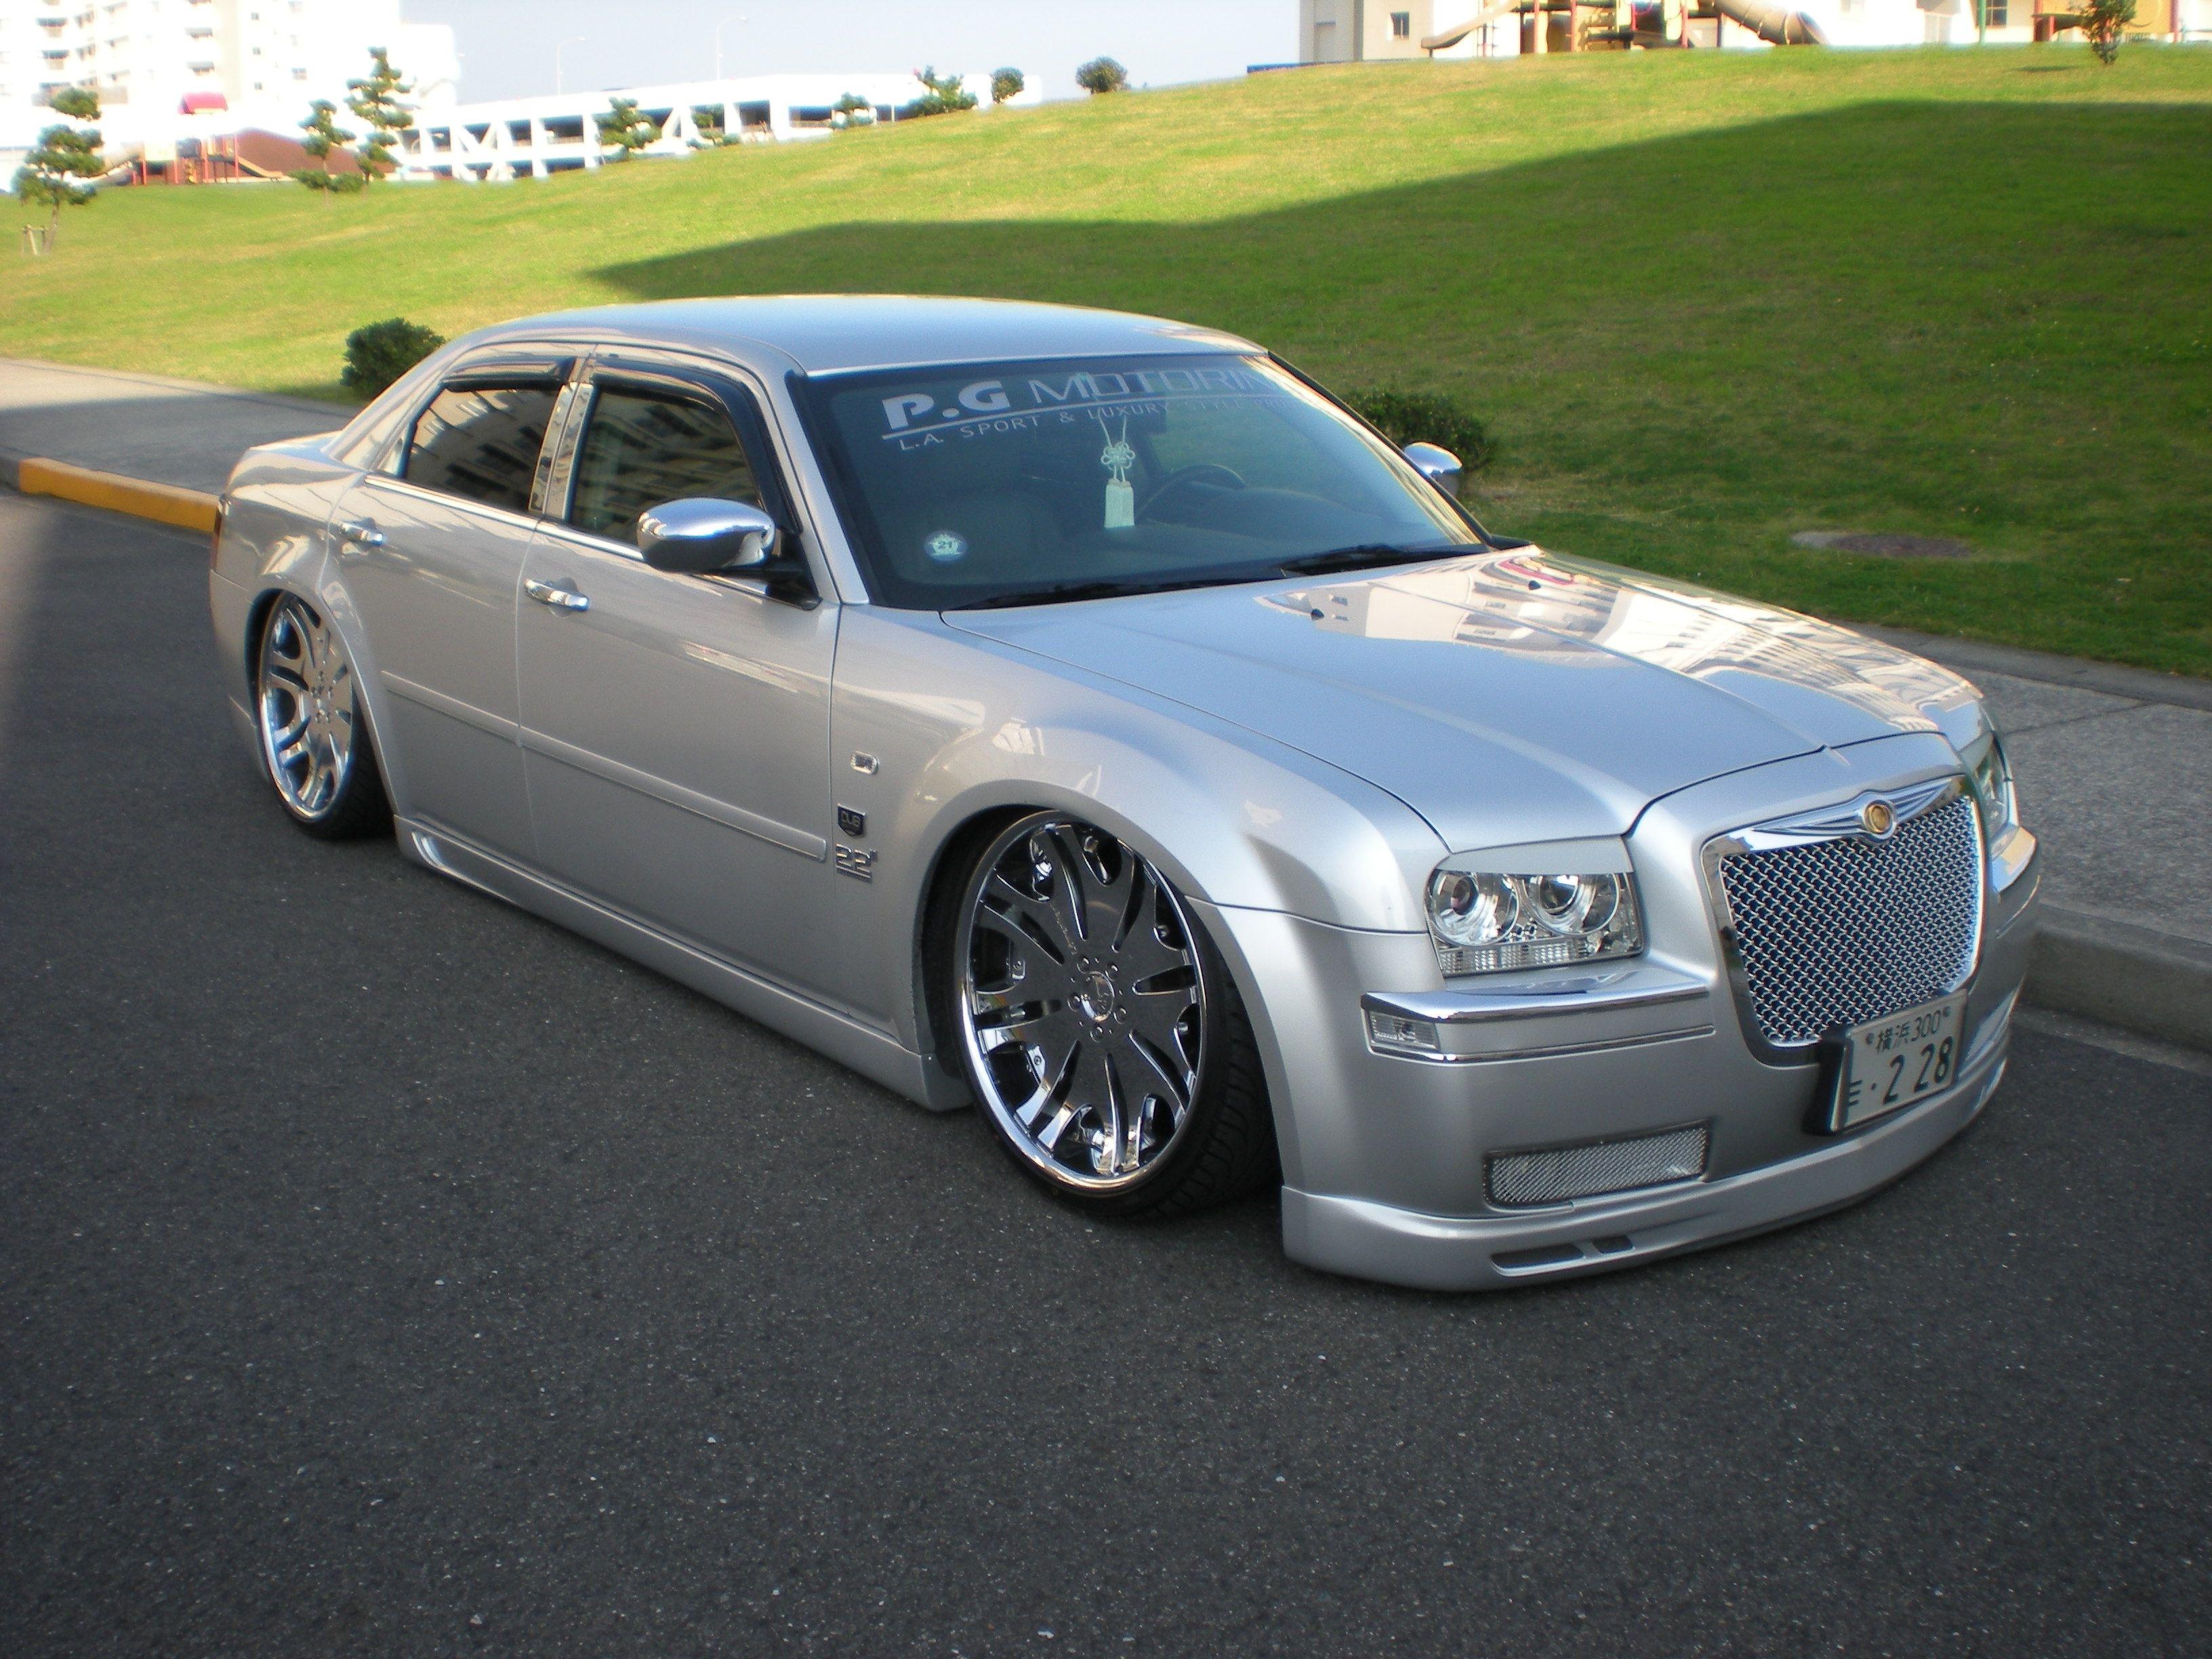 Slammed300 S 2005 Chrysler 300 In Chrysler 300 Chrysler